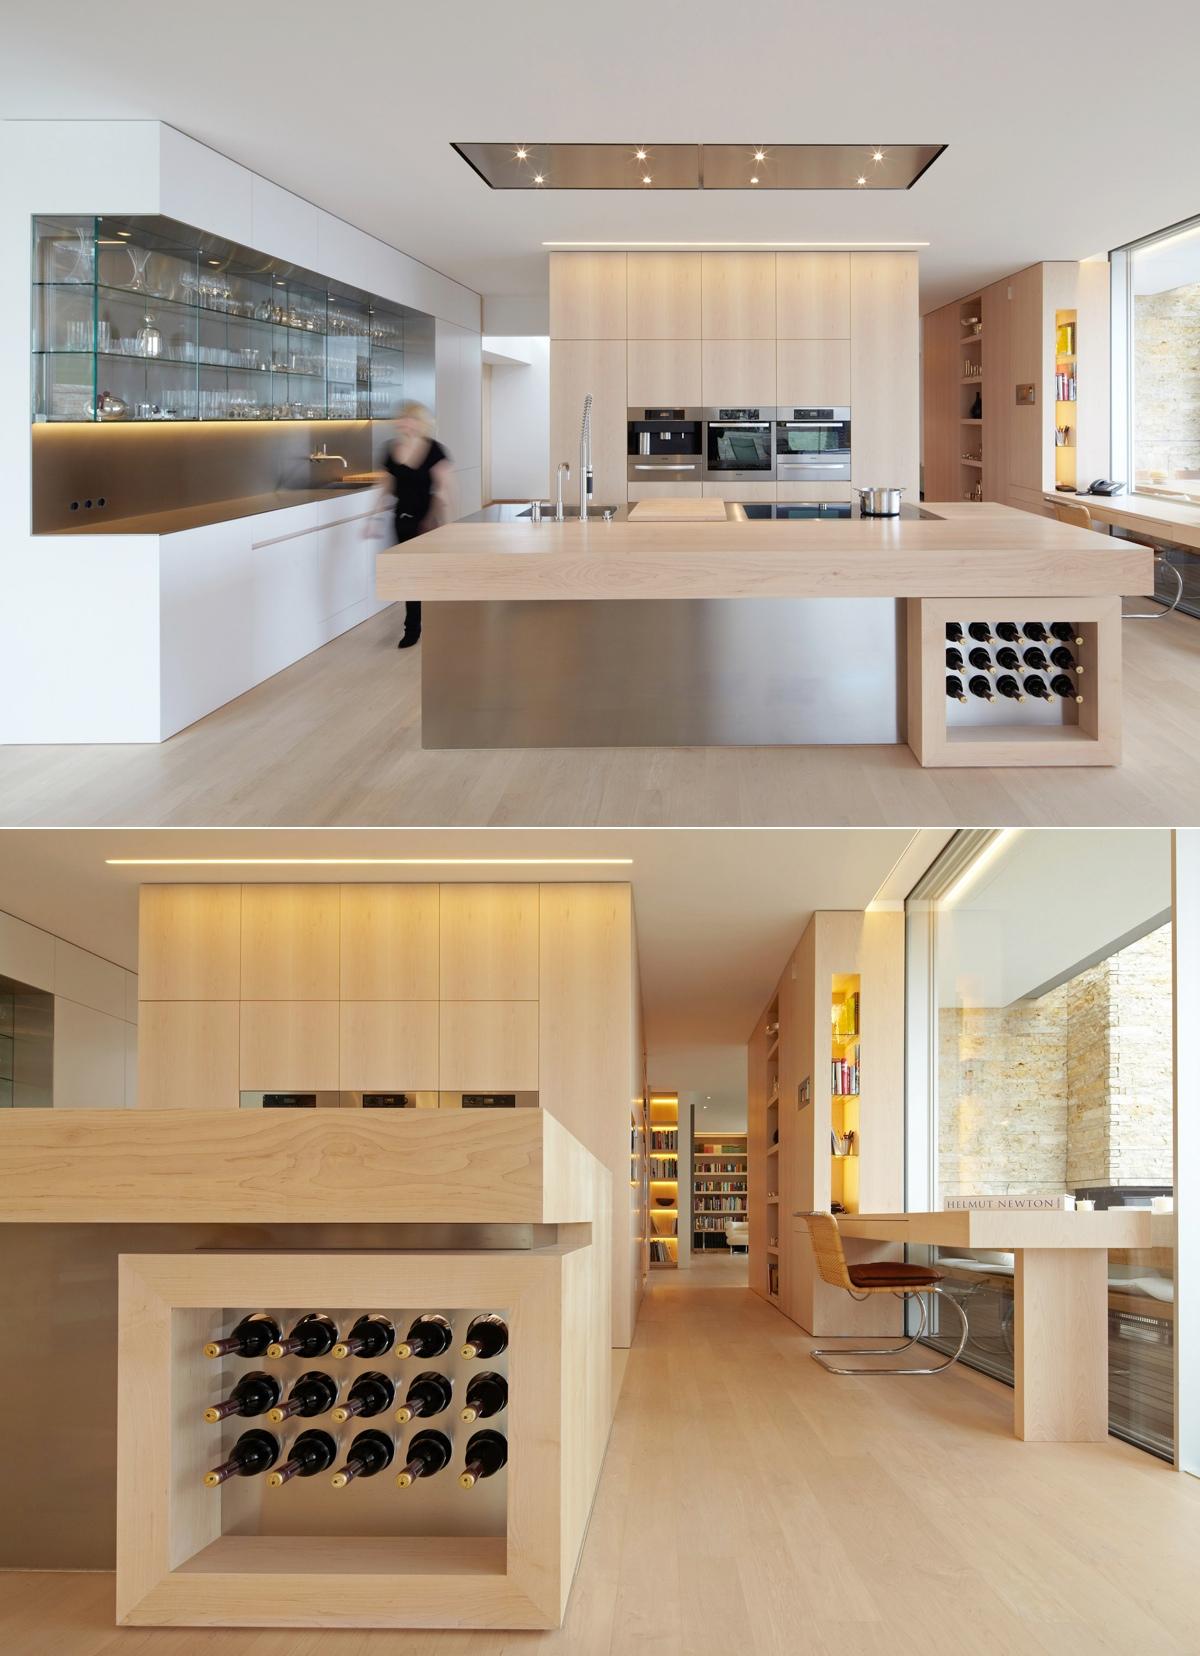 11 Gourmet Kitchen